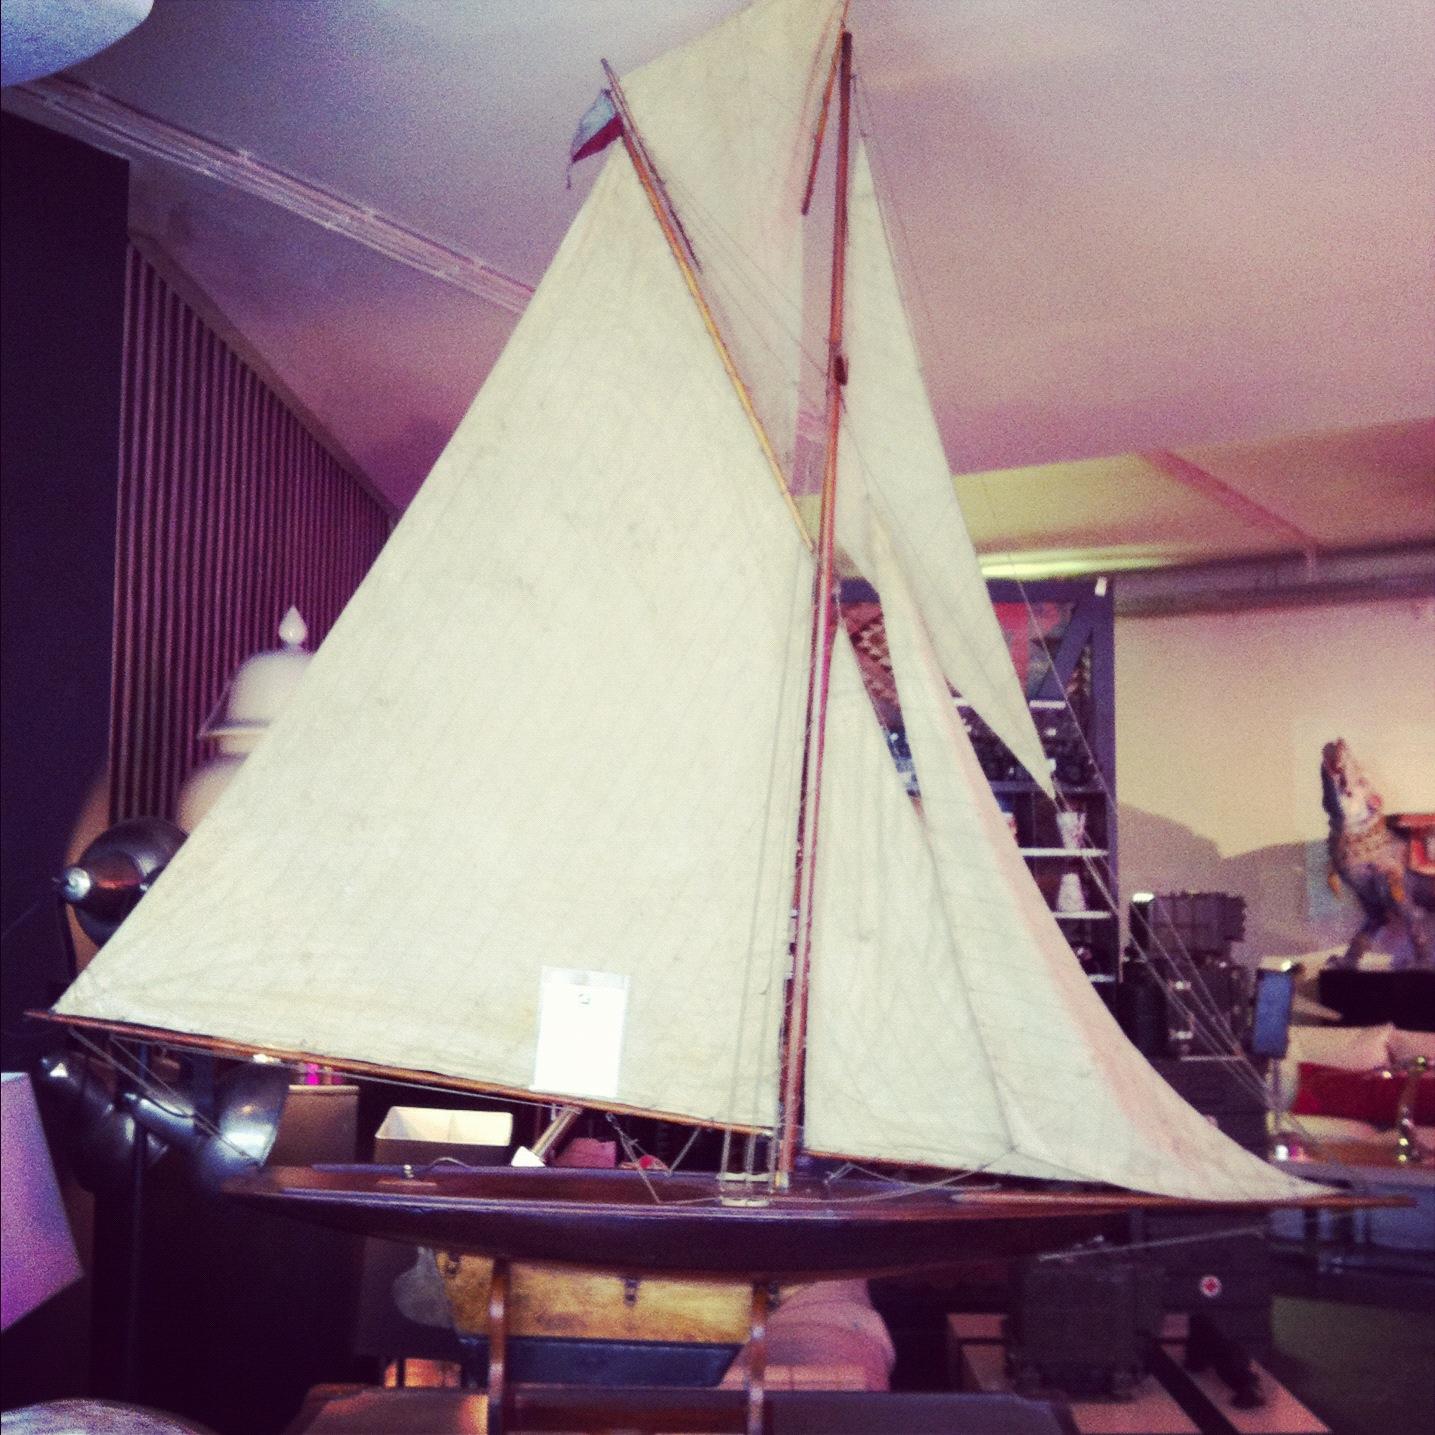 Andrew martin boats 2